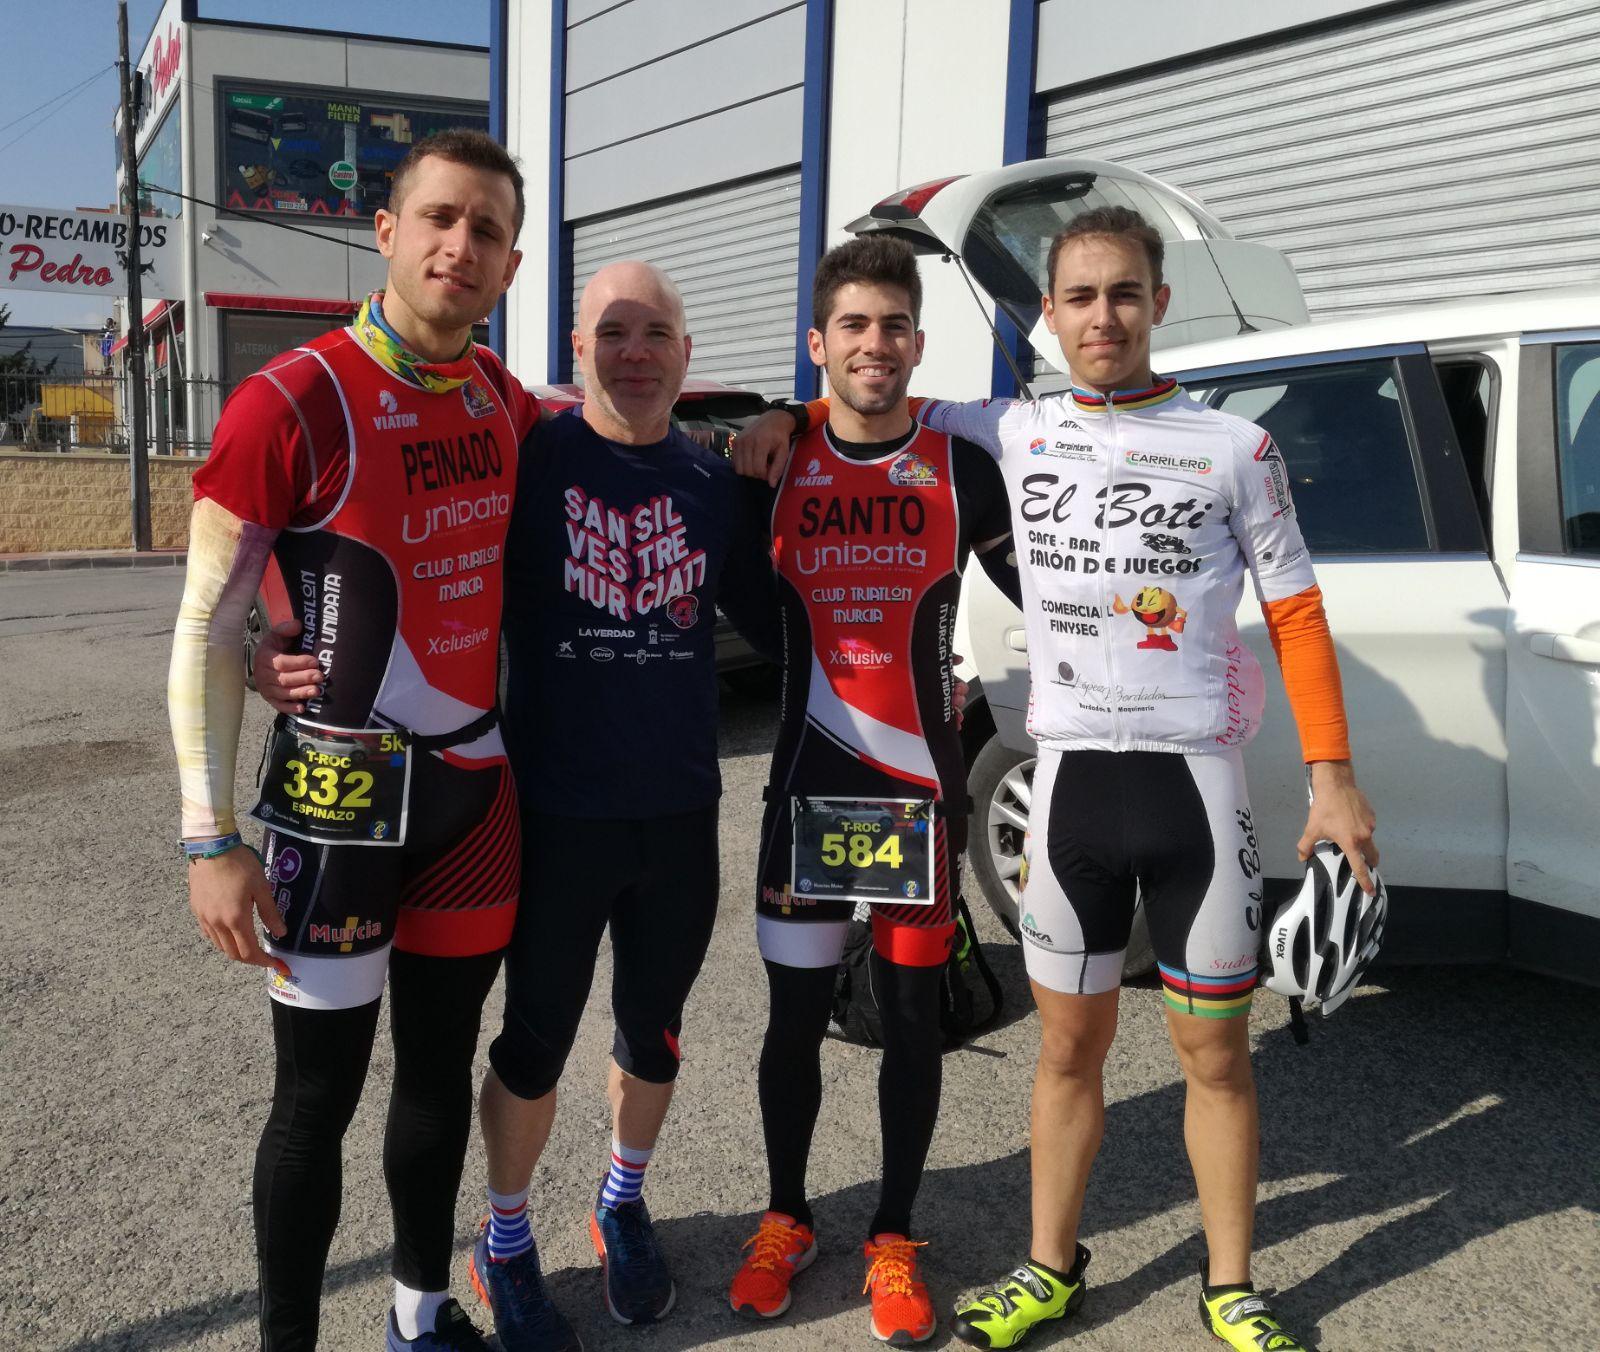 Nuestros_atletas_calientan_motores__Club_Triatlon_Murcia_Unidata_1